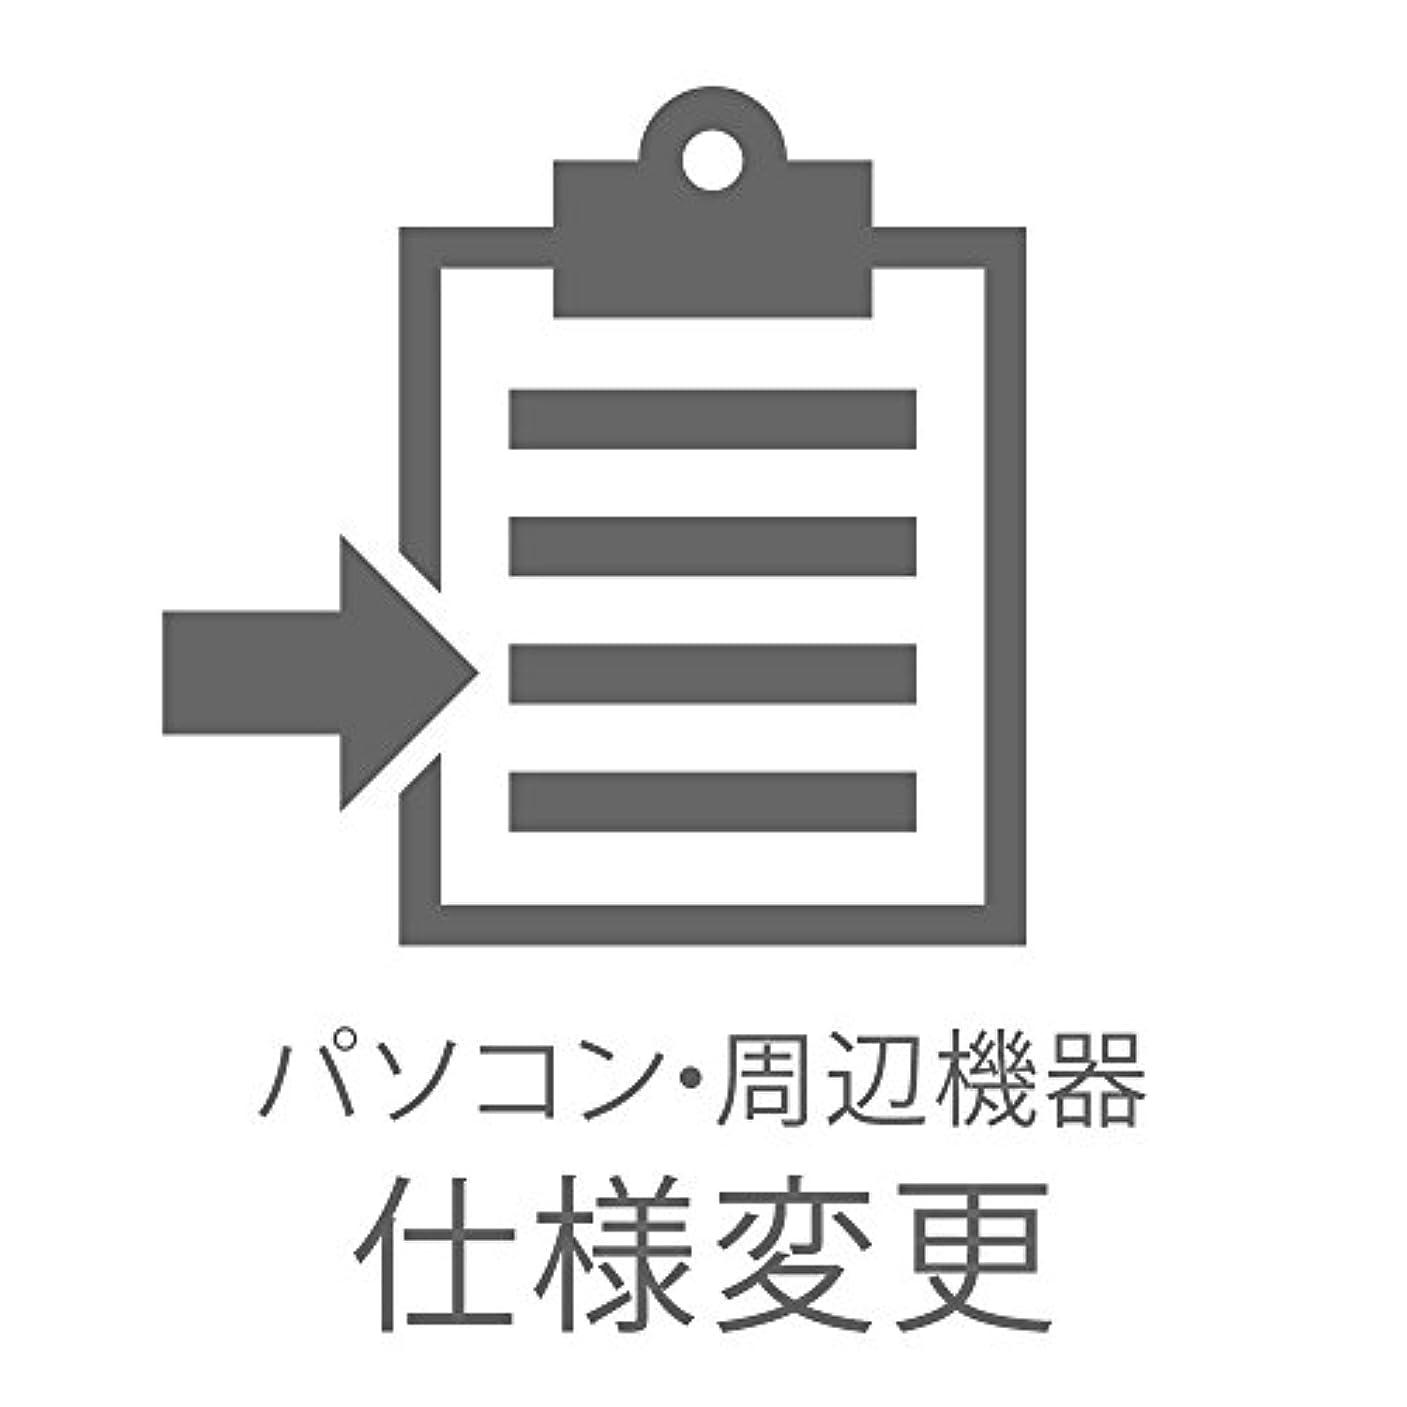 含む即席安全富士通 CD-ROMドライブユニット変更→DVD-ROM&CD-R/RW FMCXCB6